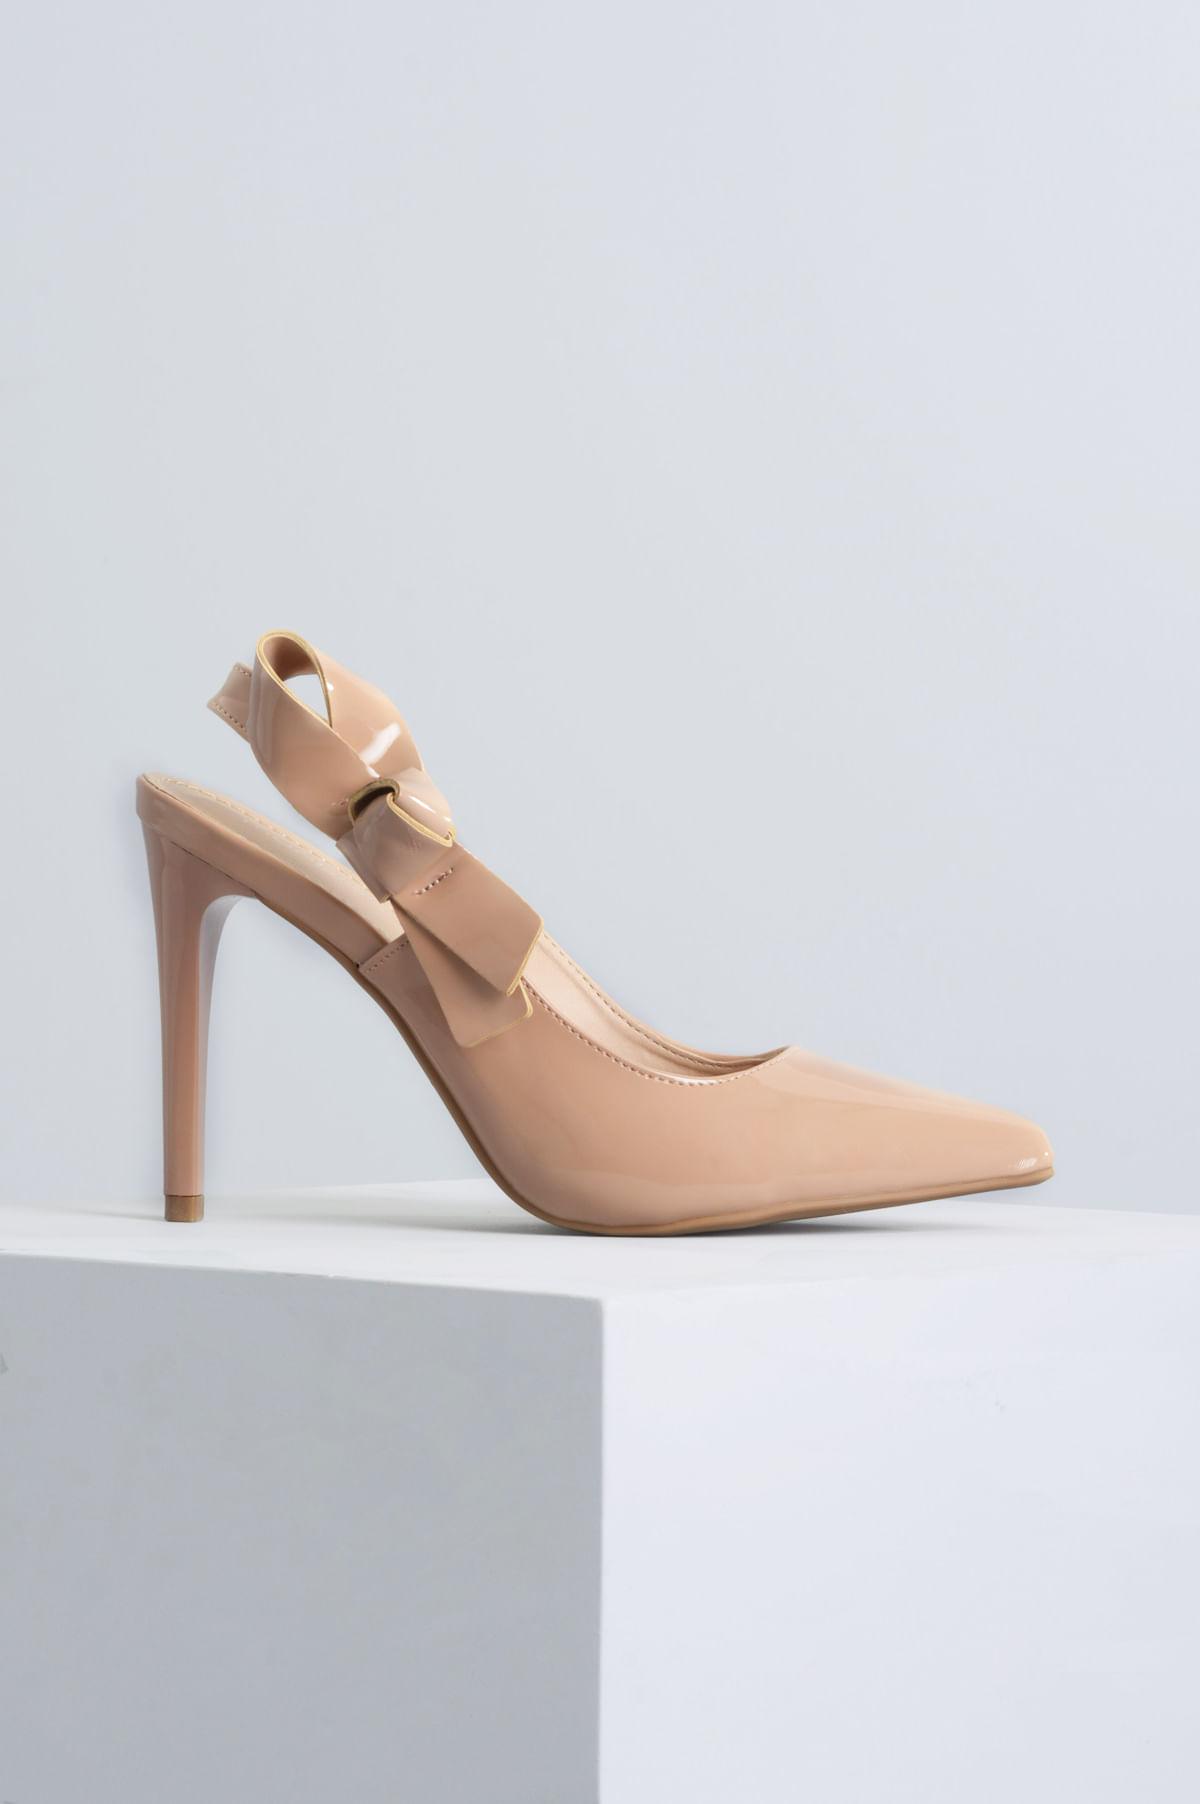 ab1a88dcfe Scarpin Salto Alto Chirstina Mundial VERNIZ - NUDE - Mundial Calçados